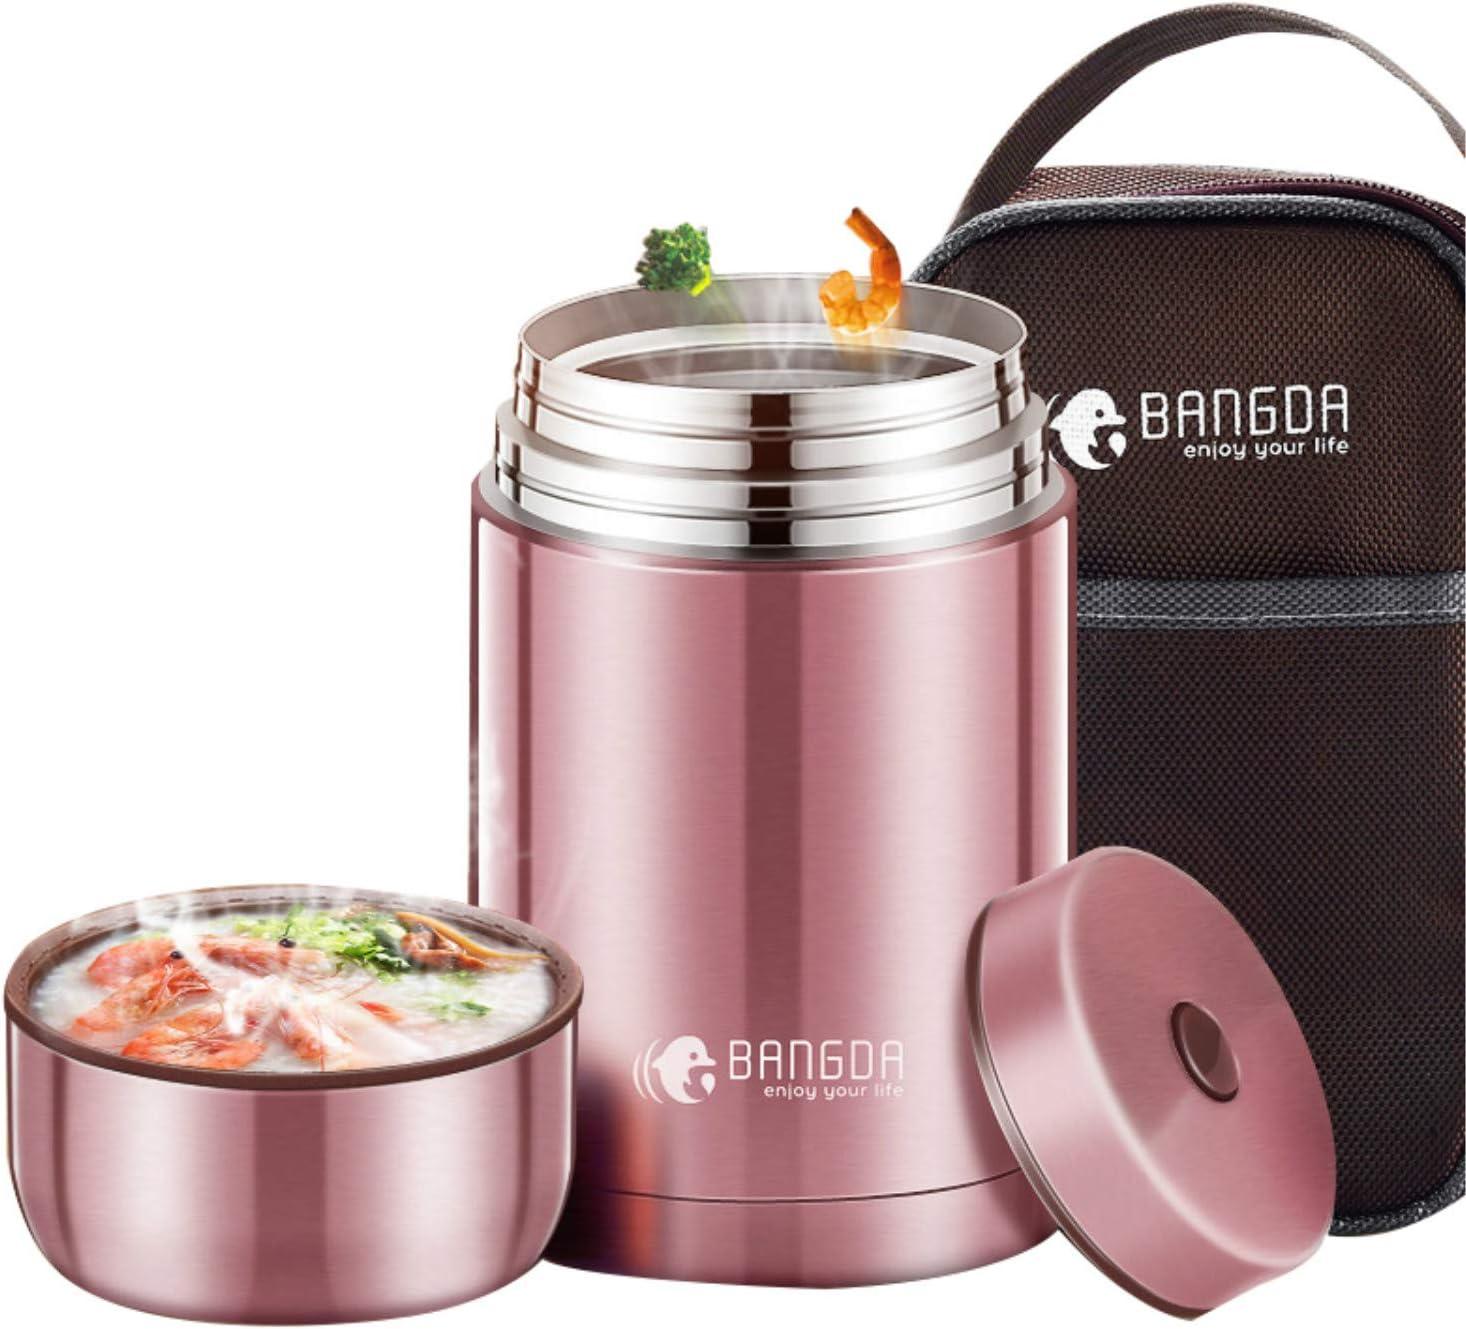 Frasco para alimentos con aislamiento al vacío, termo de acero inoxidable Recipientes para tazas para estofado Fiambrera - Manténgase caliente durante 12 horas (Rosa) (800ml)